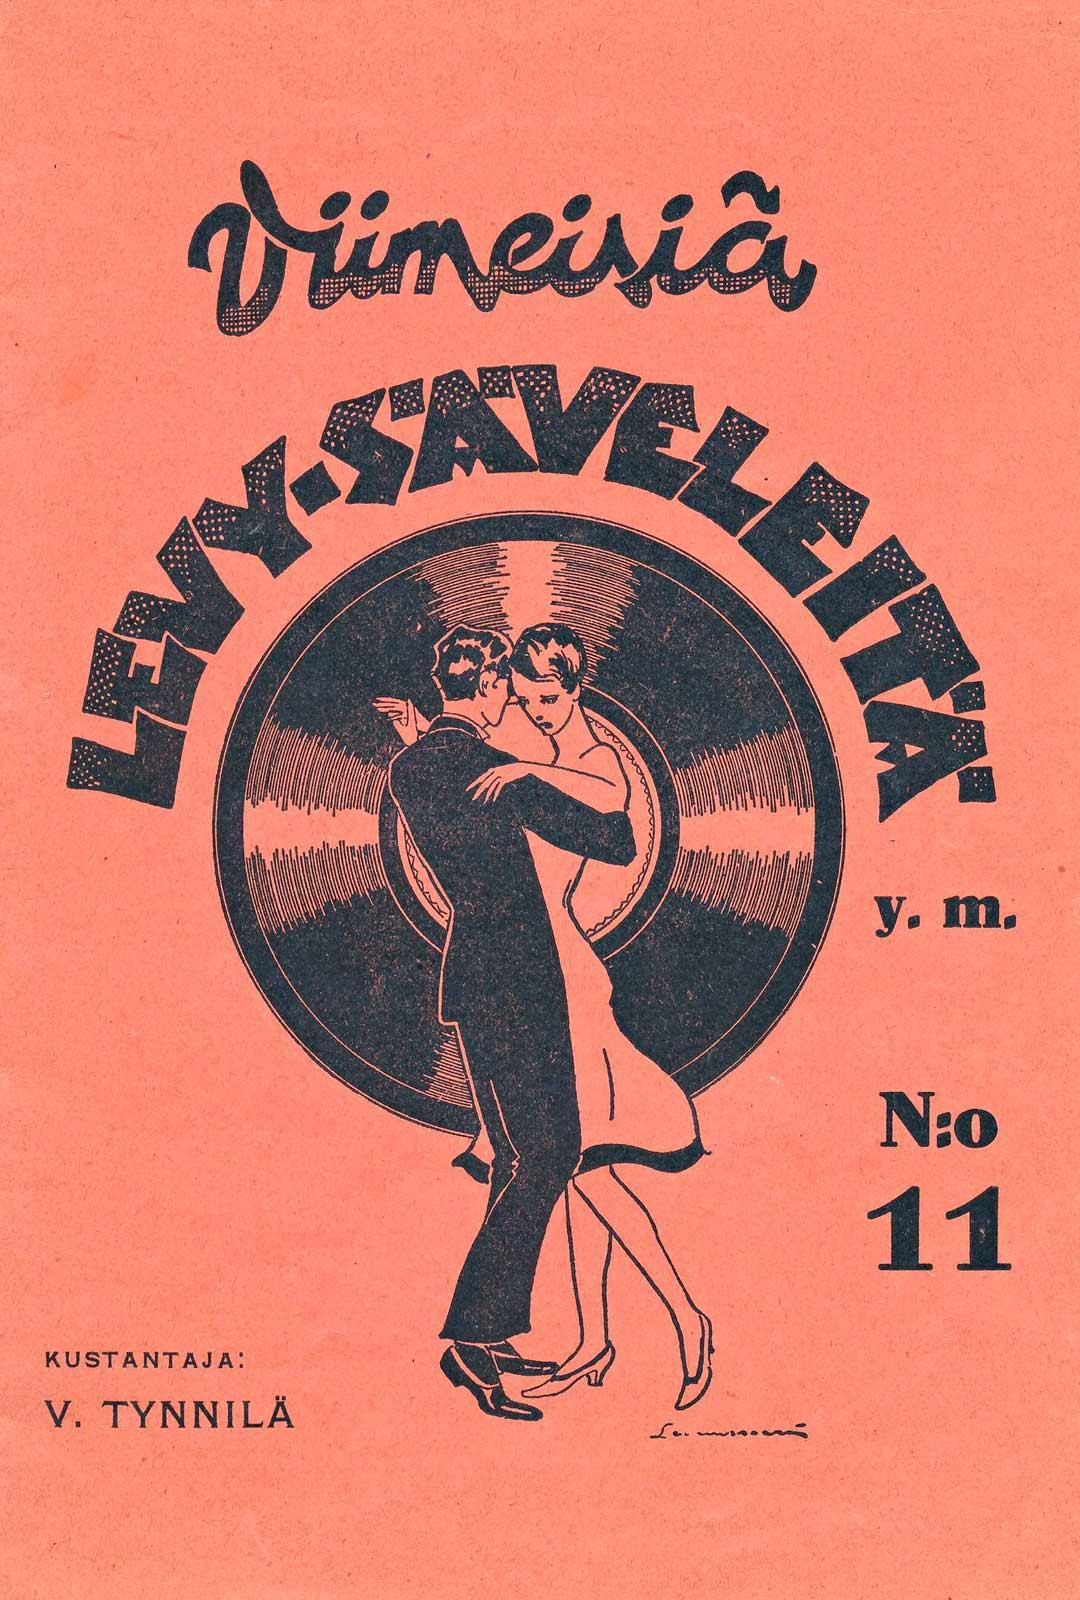 Sota-aikana julkaistiin myös uutta tanssimusiikkia, ja nuottien kansissa kuvattiin tanssijoita, vaikka Suomessa oli tiukka tanssikielto.